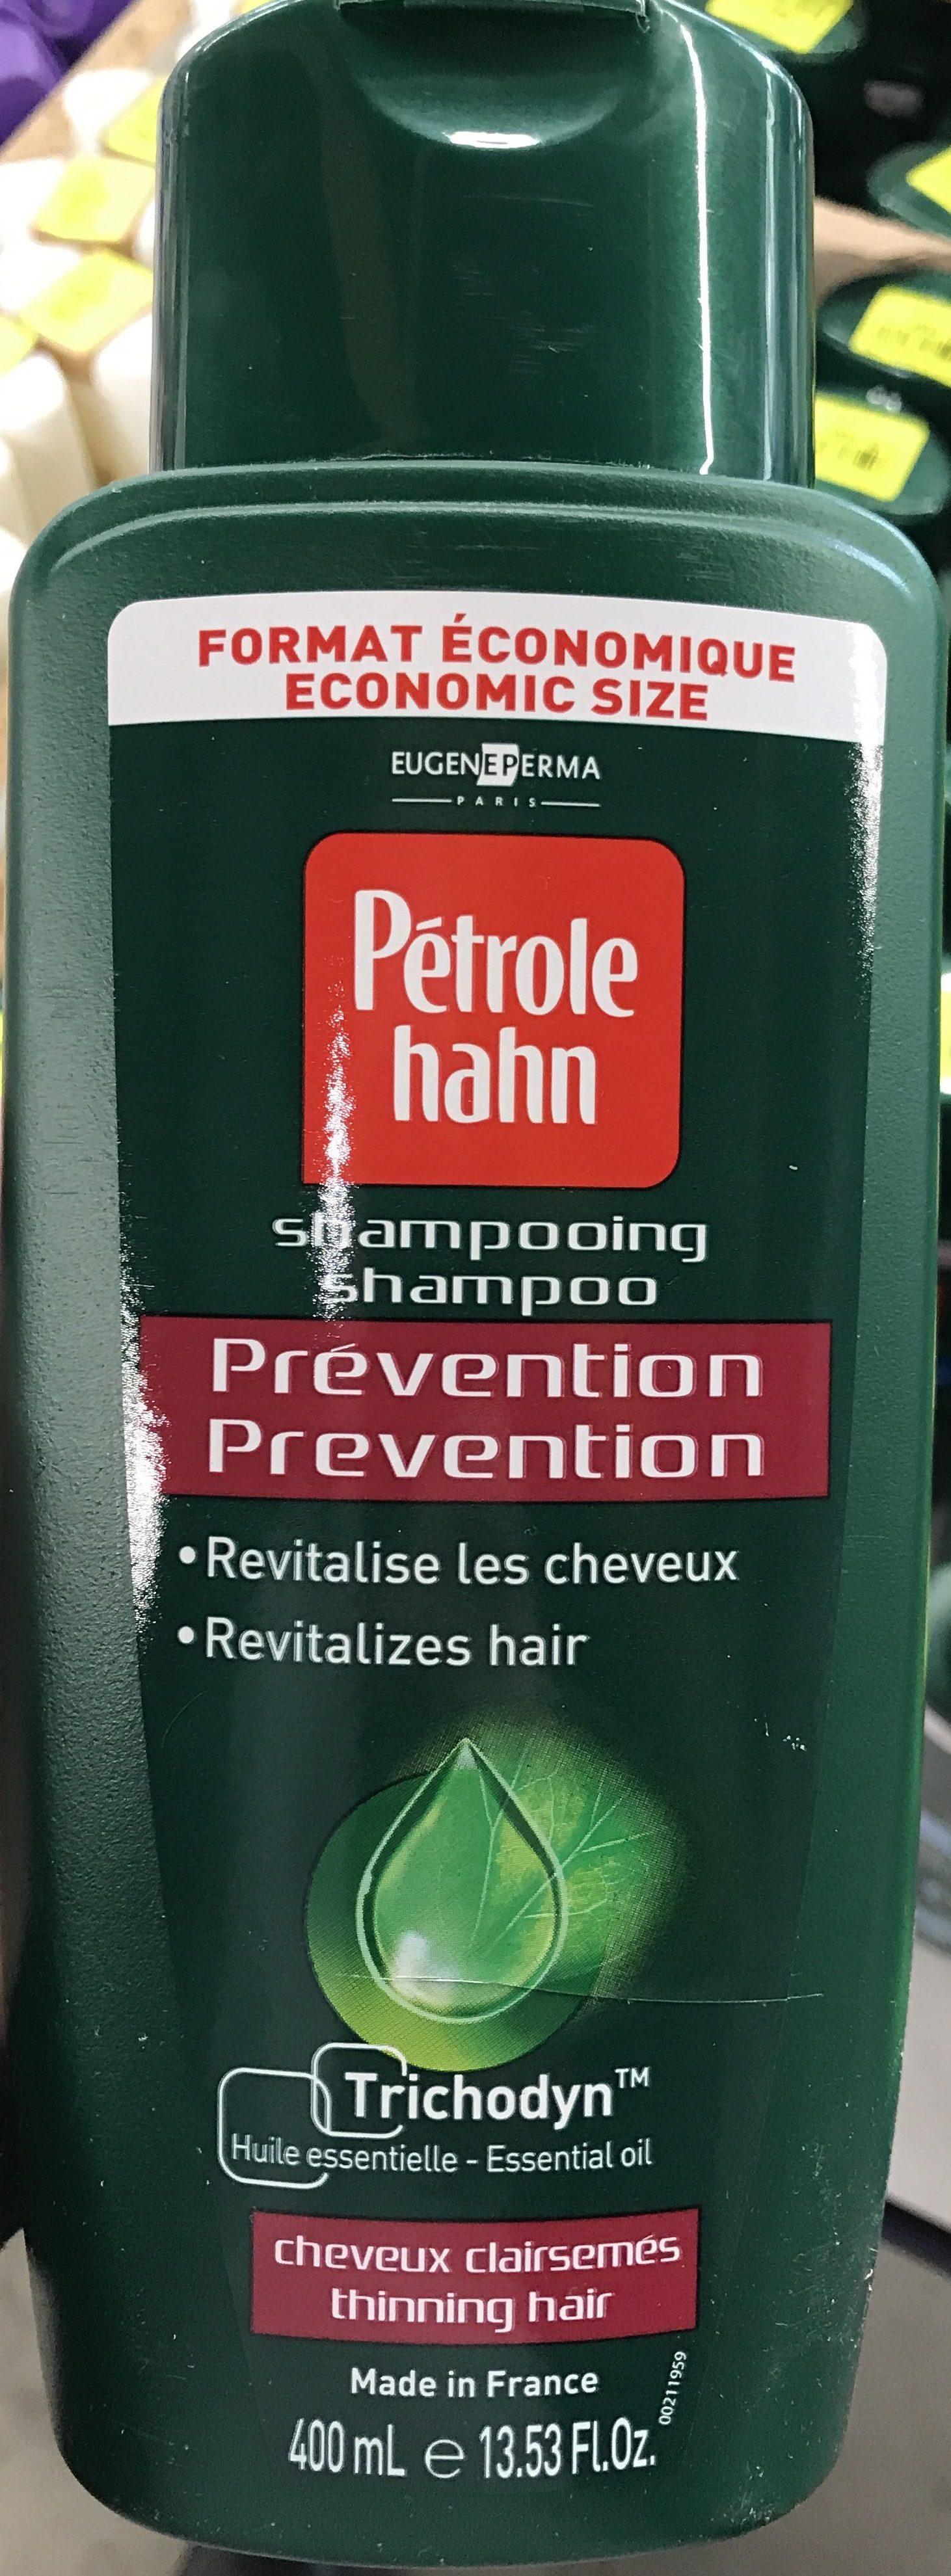 Shampooing Prévention Trichodyn (Format économique) - Product